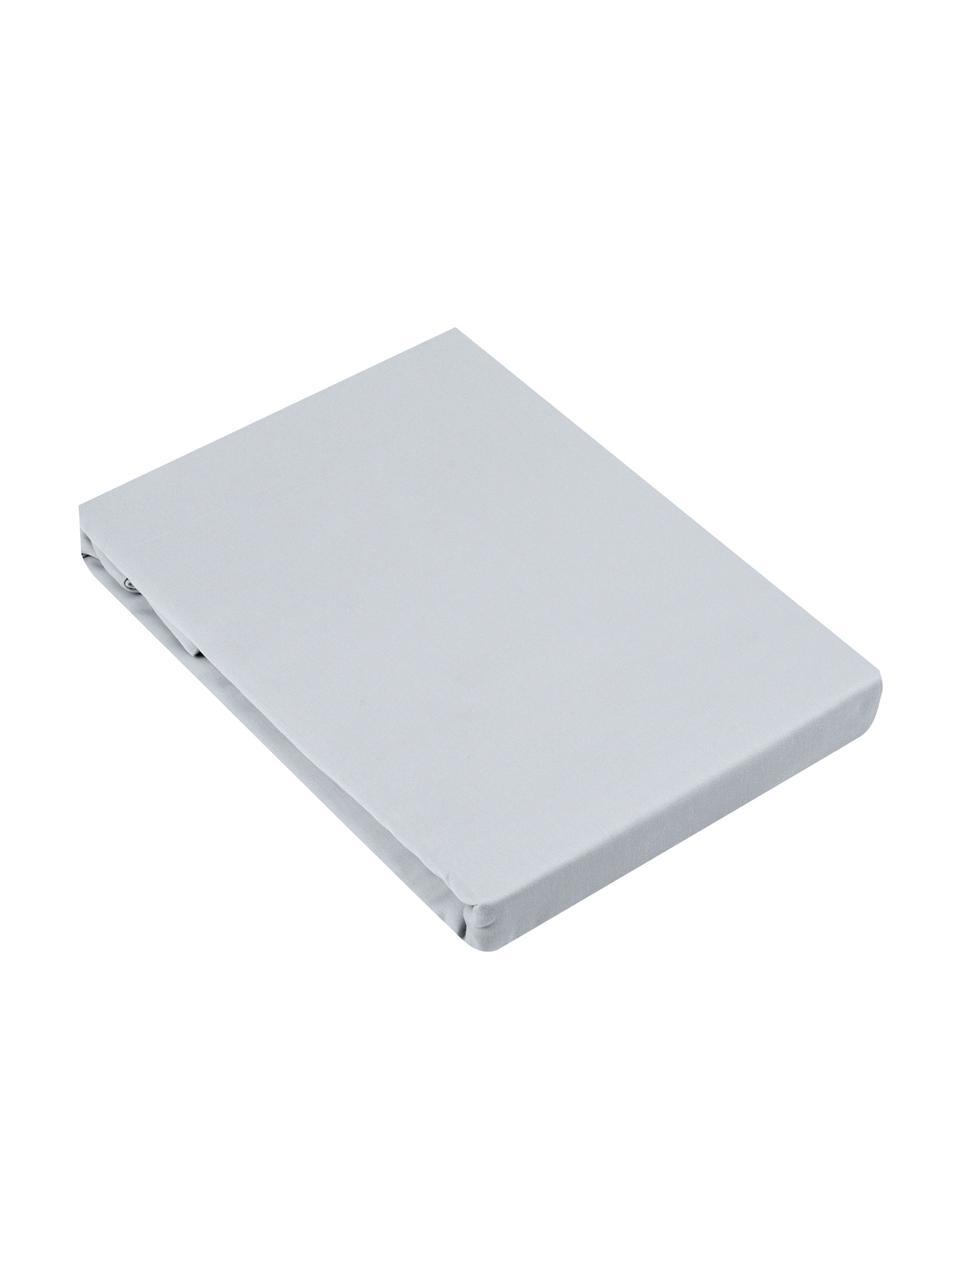 Boxspring-Spannbettlaken Comfort, Baumwollsatin, Webart: Satin, leicht glänzend, Hellgrau, 200 x 200 cm